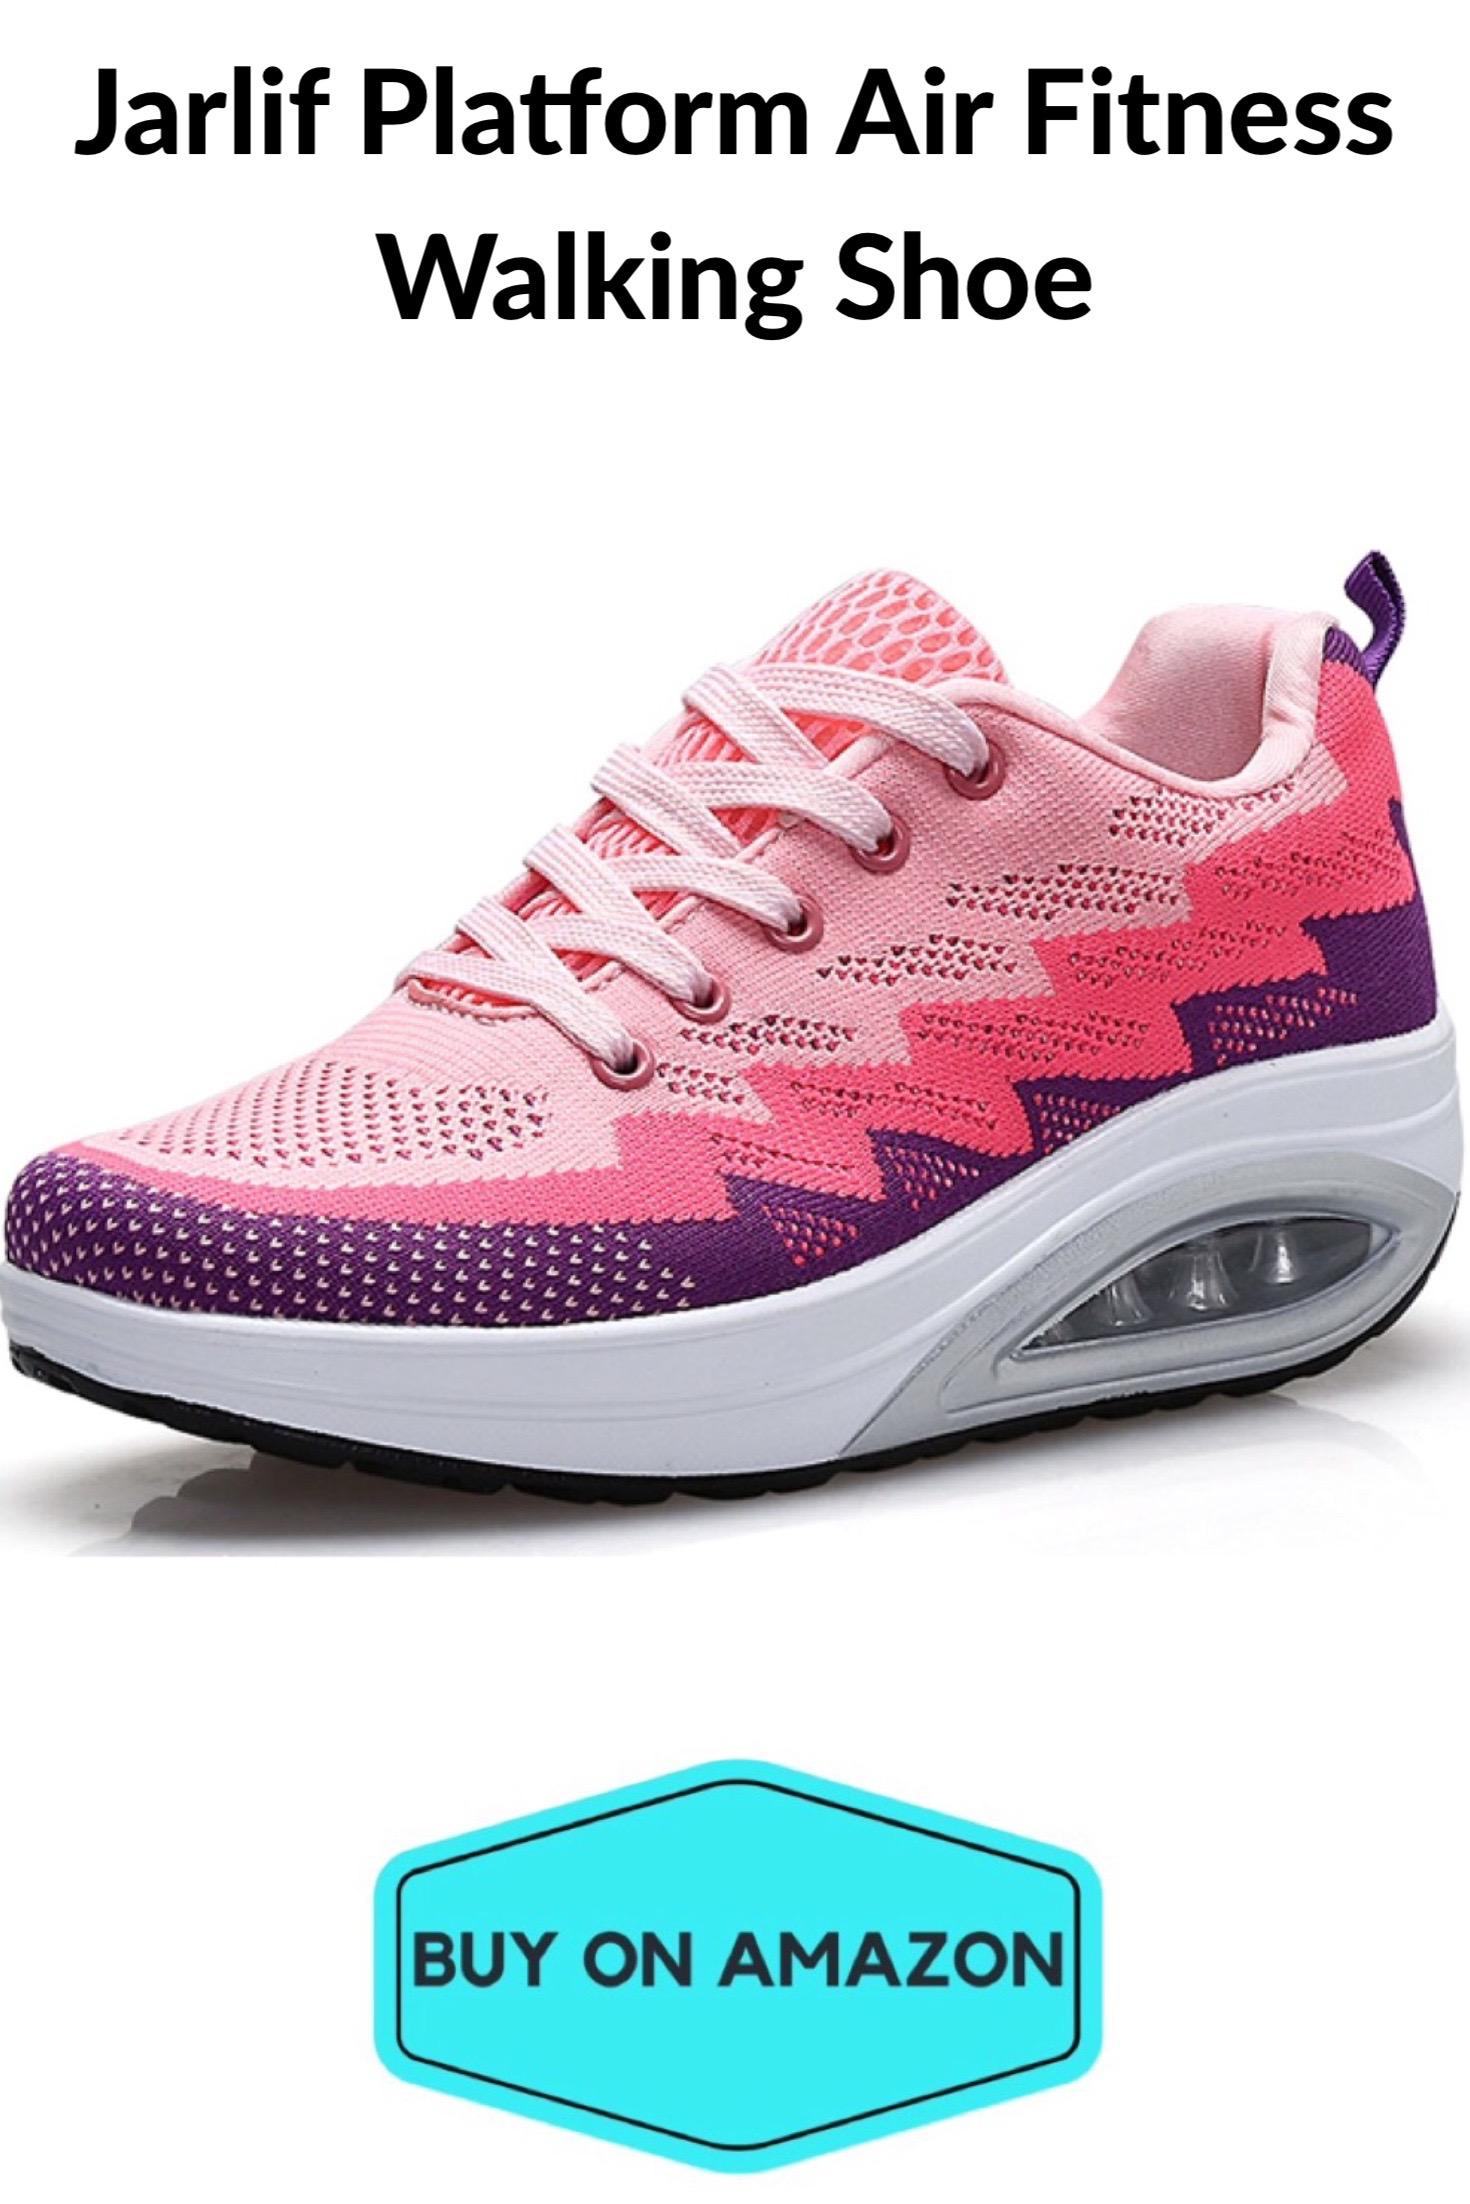 Jarlif Platform Air Fitness Women's Walking Shoe